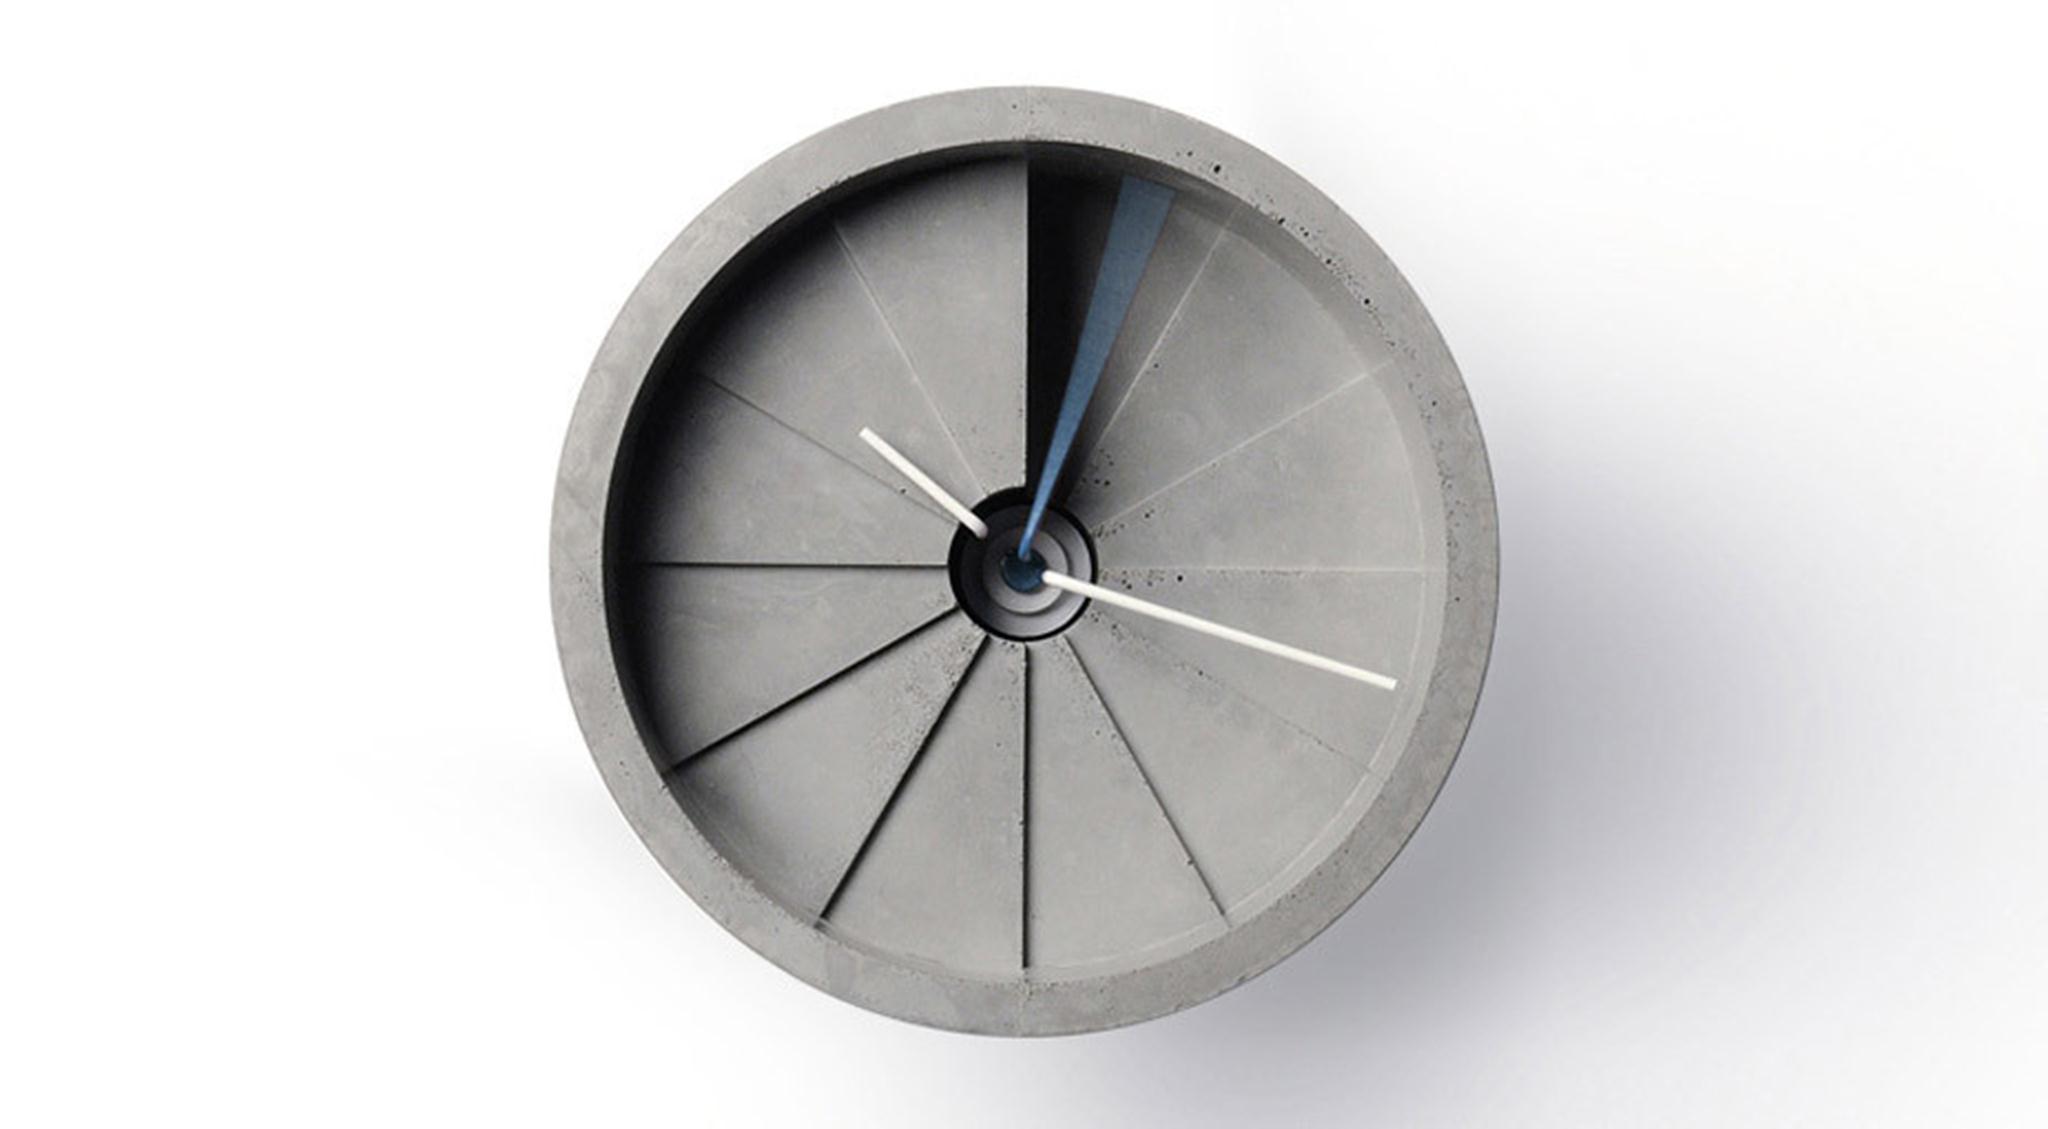 Đồng hồ treo tường bê tông 4D / Studio Thiết kế 22